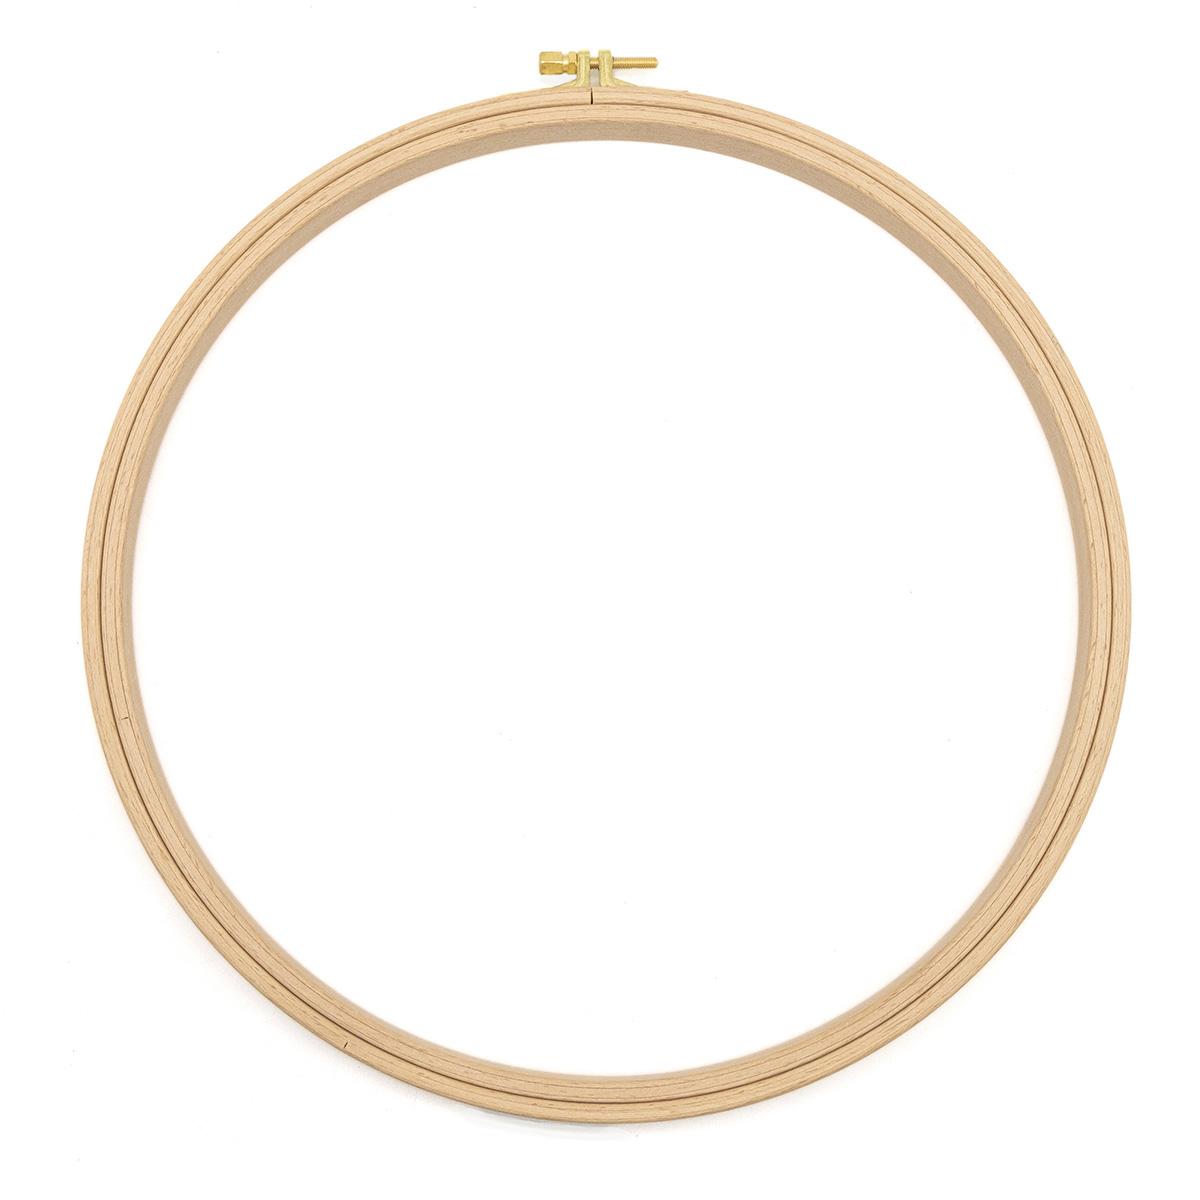 110-7 Пяльцы круглые буковые, d=280 мм, выс. обода 16 мм, Nurge Hobby